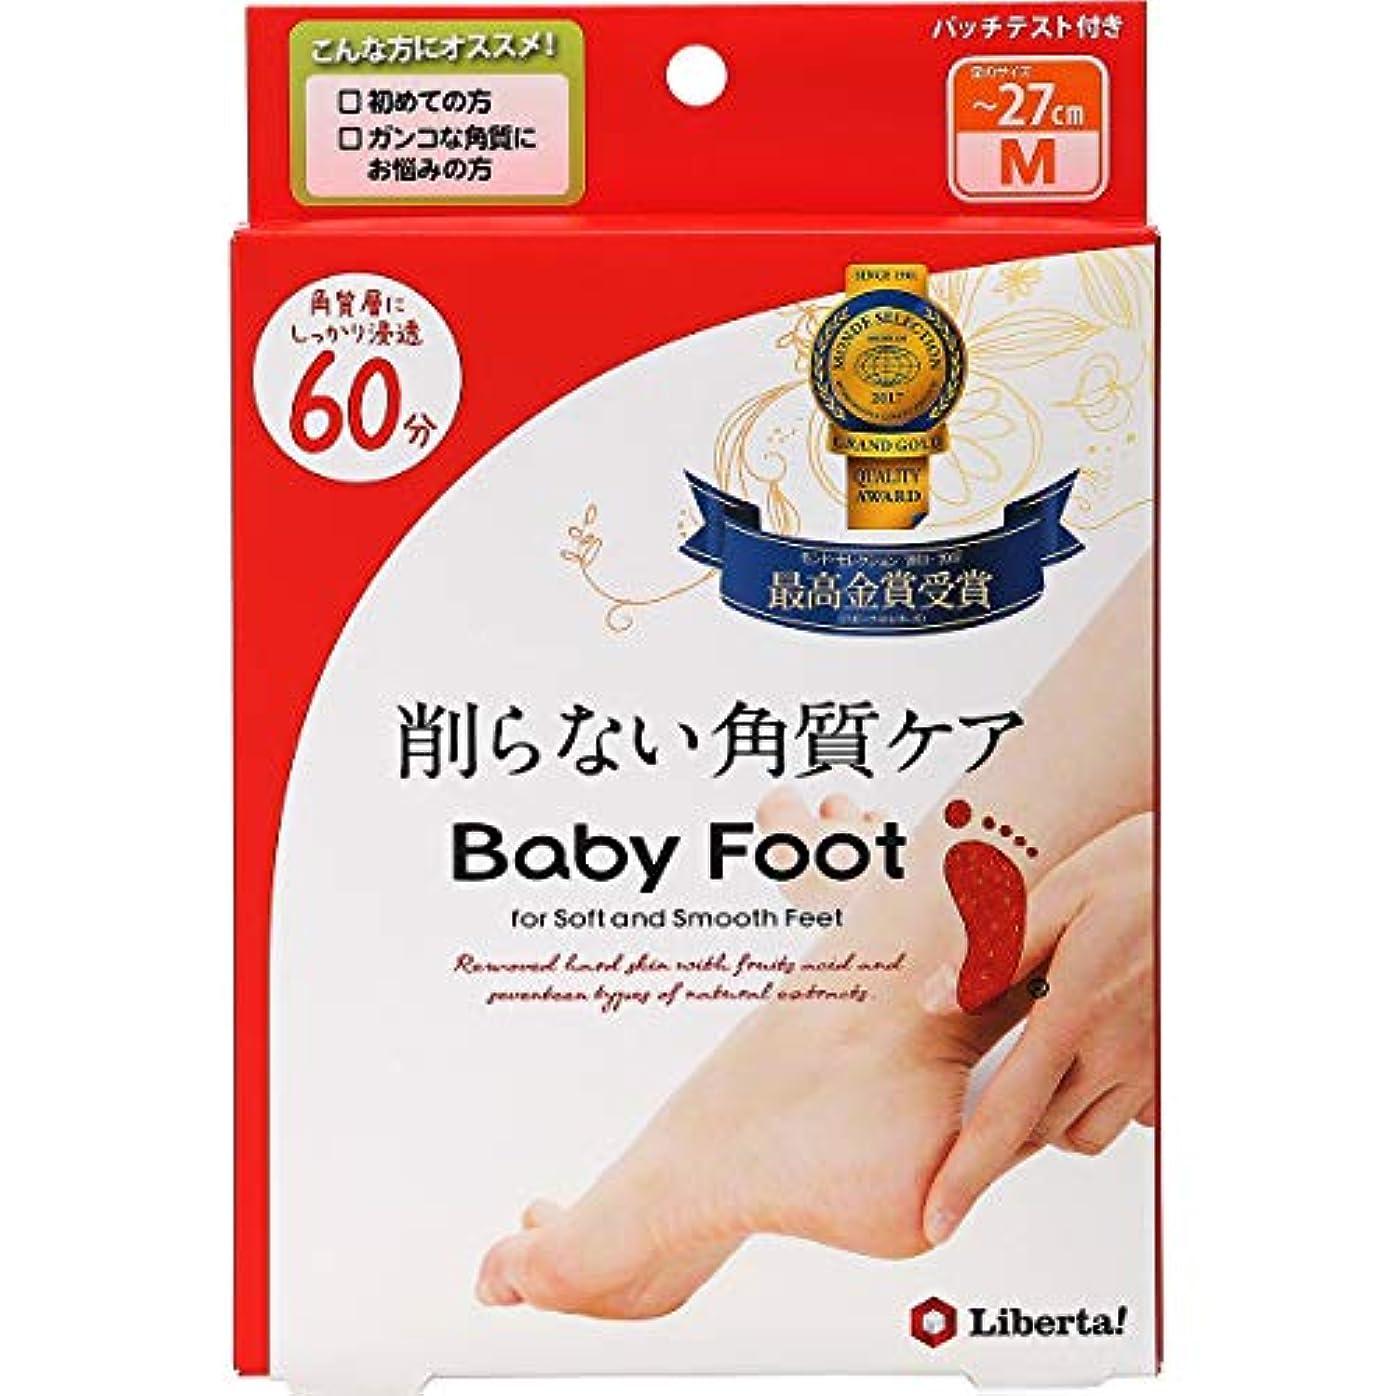 達成する機構受益者ベビーフット (Baby Foot) ベビーフット イージーパック SPT60分タイプ Mサイズ 単品